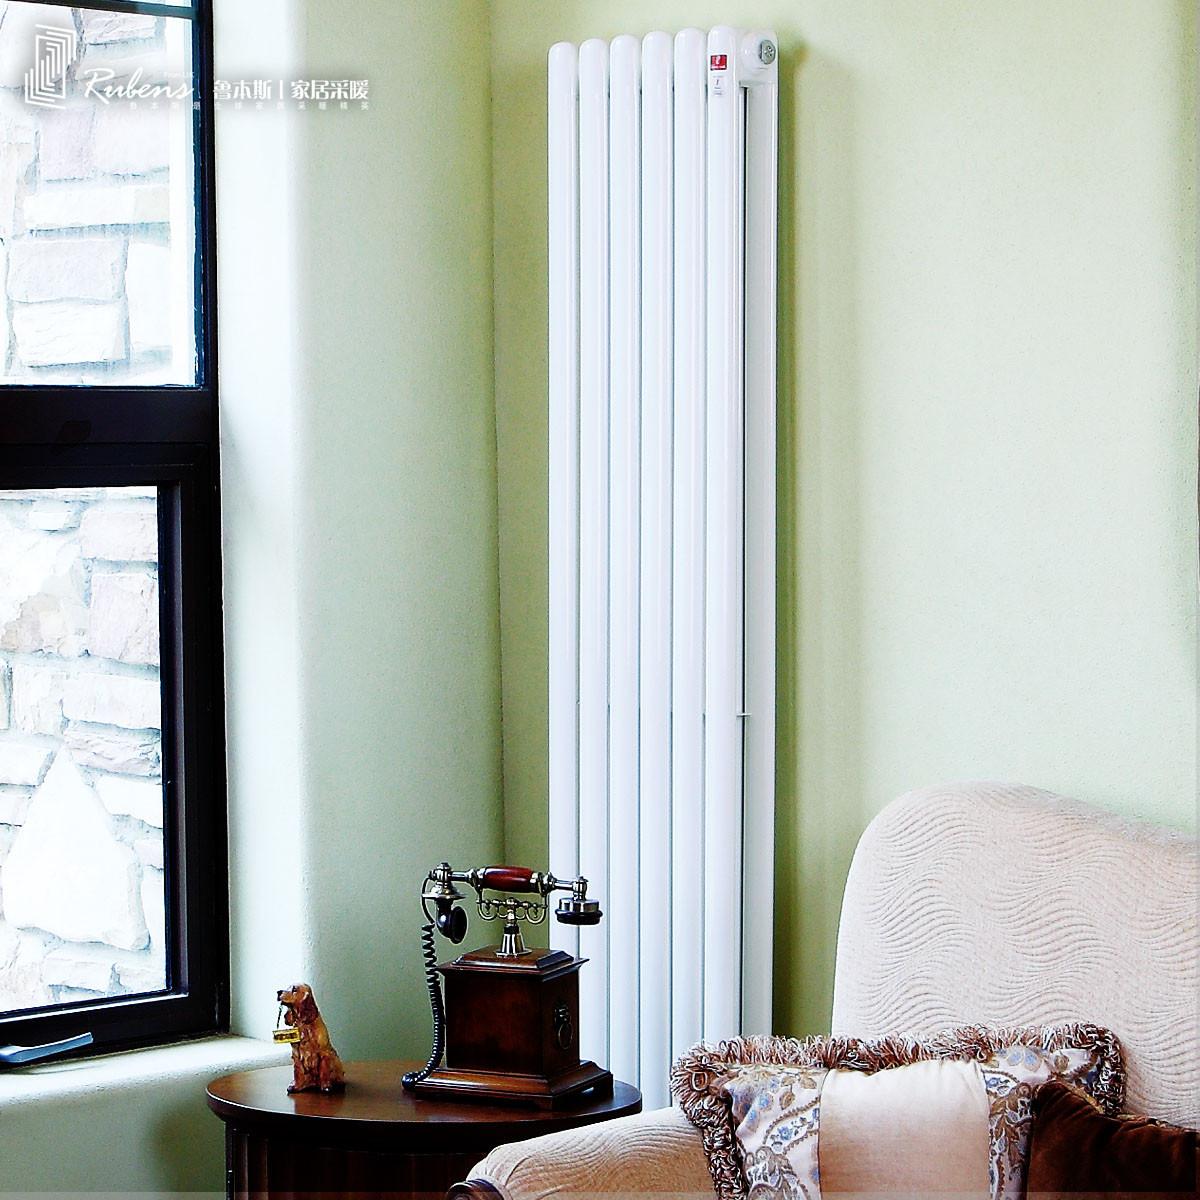 鲁本斯 钢普通挂墙式集中供热 50大水道暖气,片总宽60,高670、1500、1800暖气片散热器